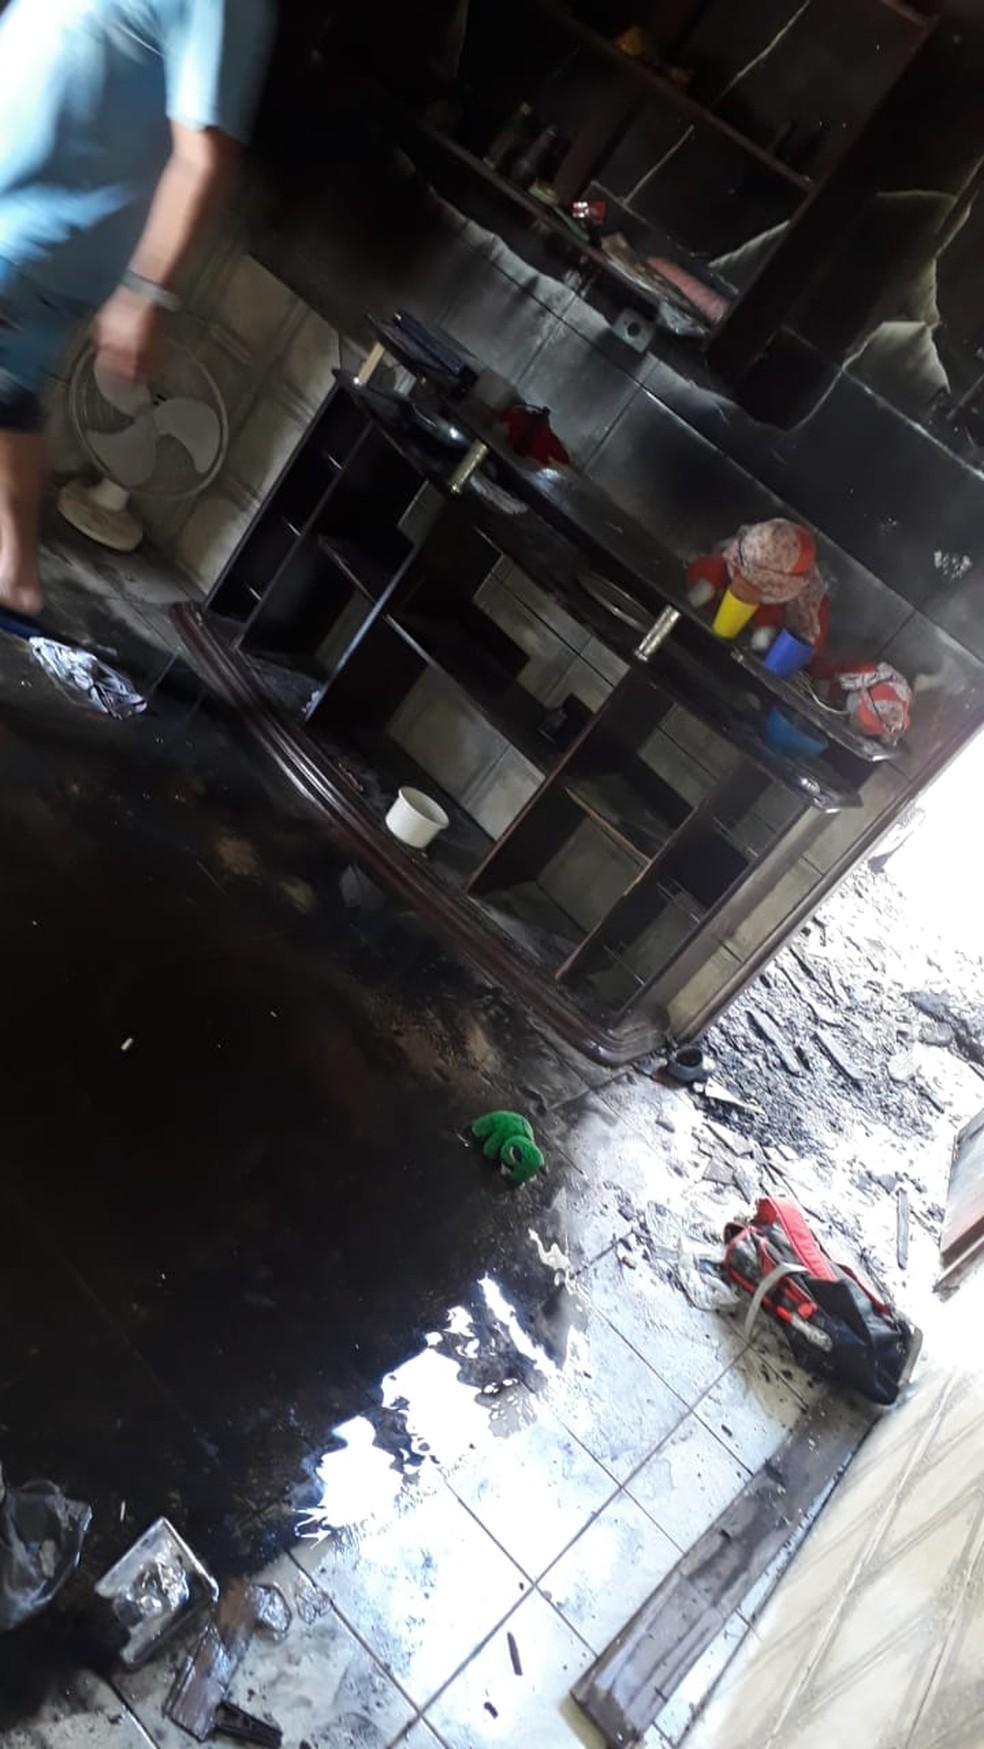 Casa ficou queimada após jovem atear fogo, em Bertioga — Foto: G1 Santos